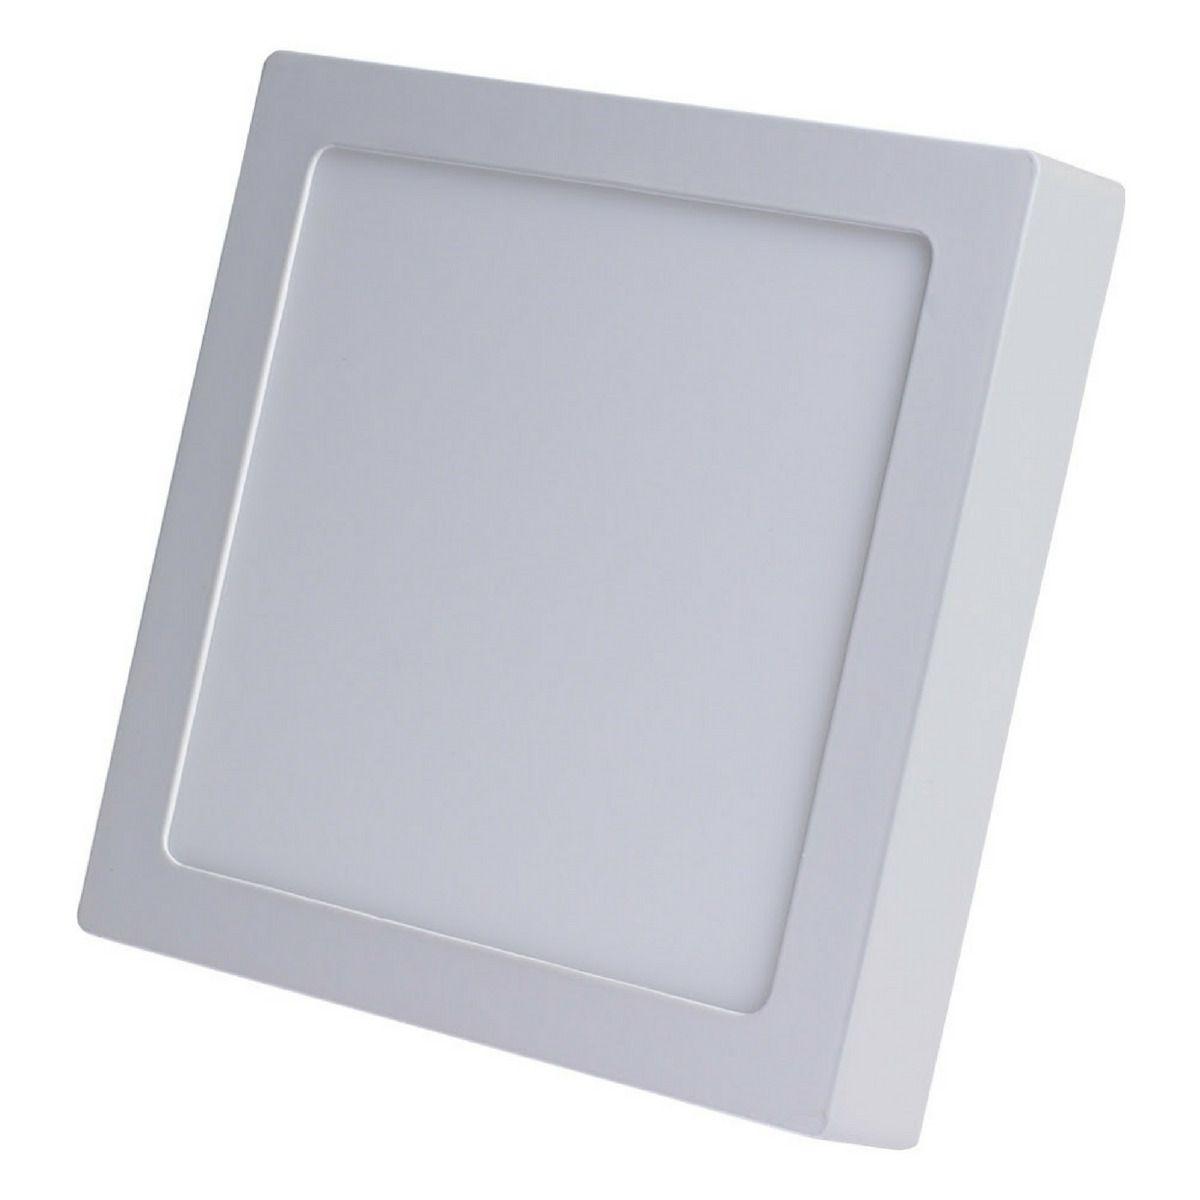 Painel Plafon Led 18w Quadrado Sobrepor Branco Frio - 6000k